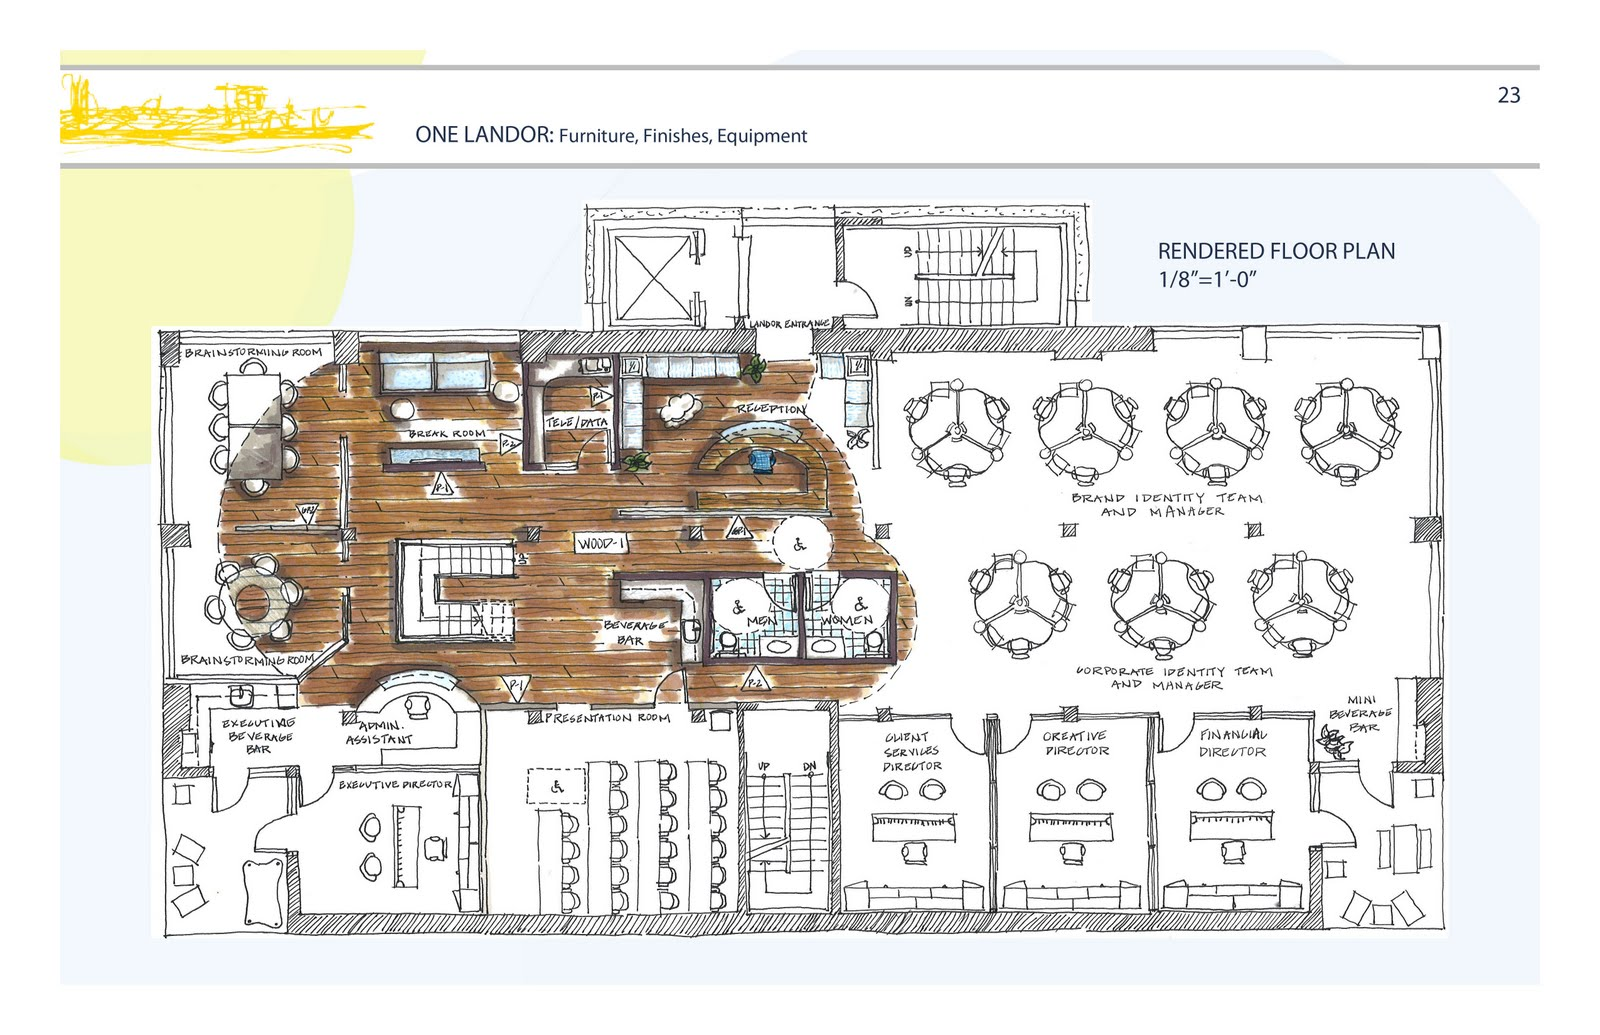 Aubrey duncan interior design renderings for Rendered floor plan